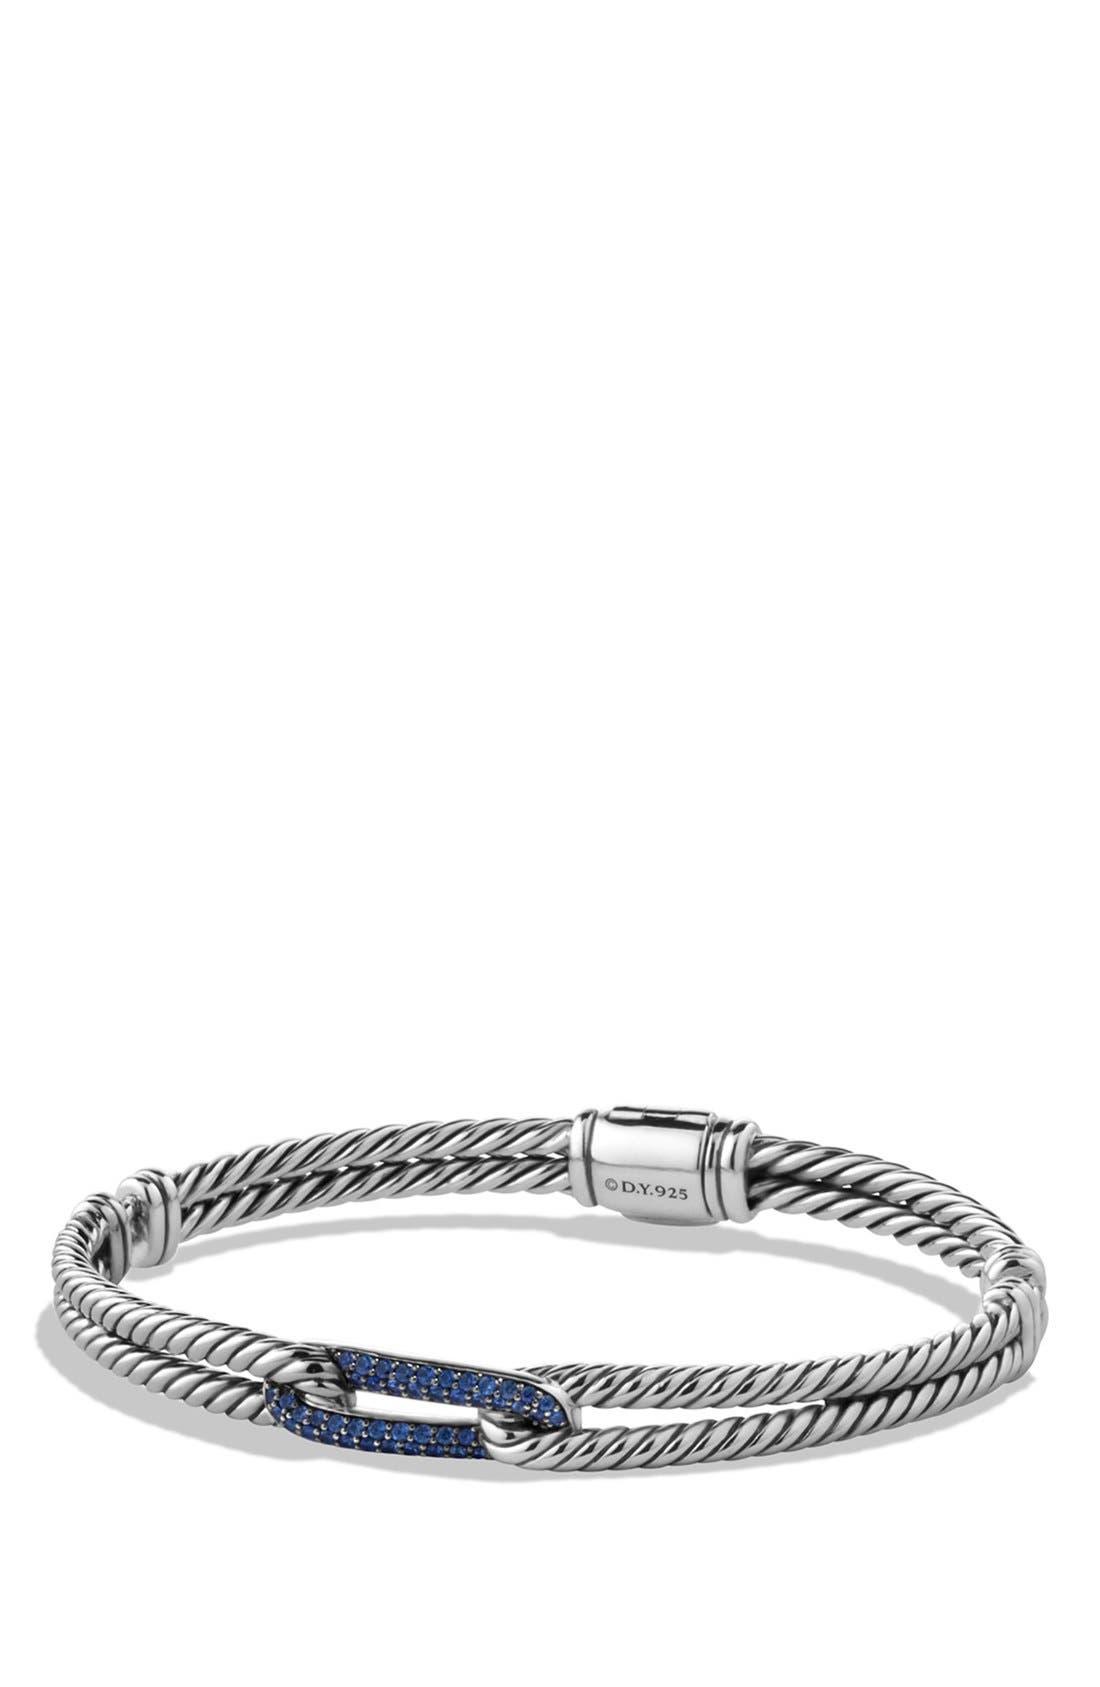 'Labyrinth' Petite Pavé Single-Loop Bracelet with Sapphires,                             Main thumbnail 1, color,                             Blue Sapphire